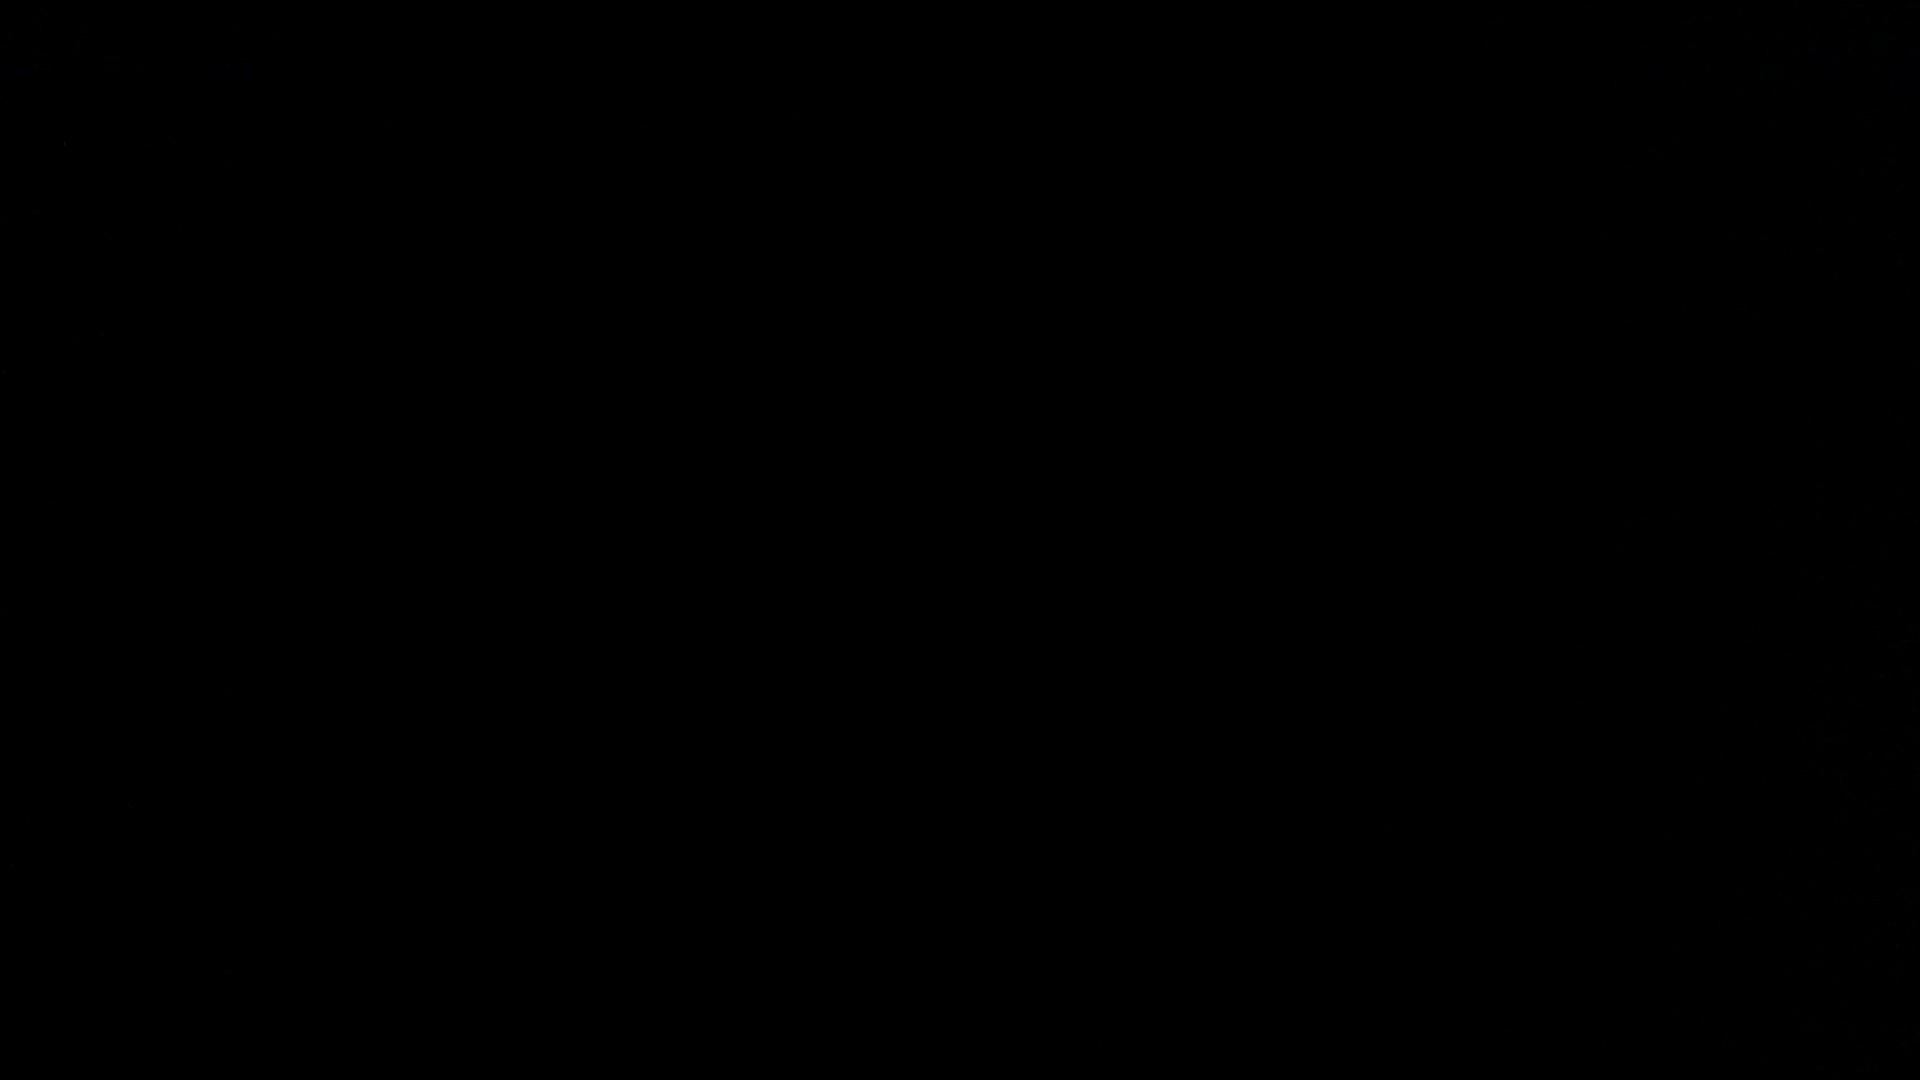 ゆめかわ男子のゆめかわオナニージャニーズ編vol.09 人気シリーズ ゲイアダルトビデオ画像 84枚 24